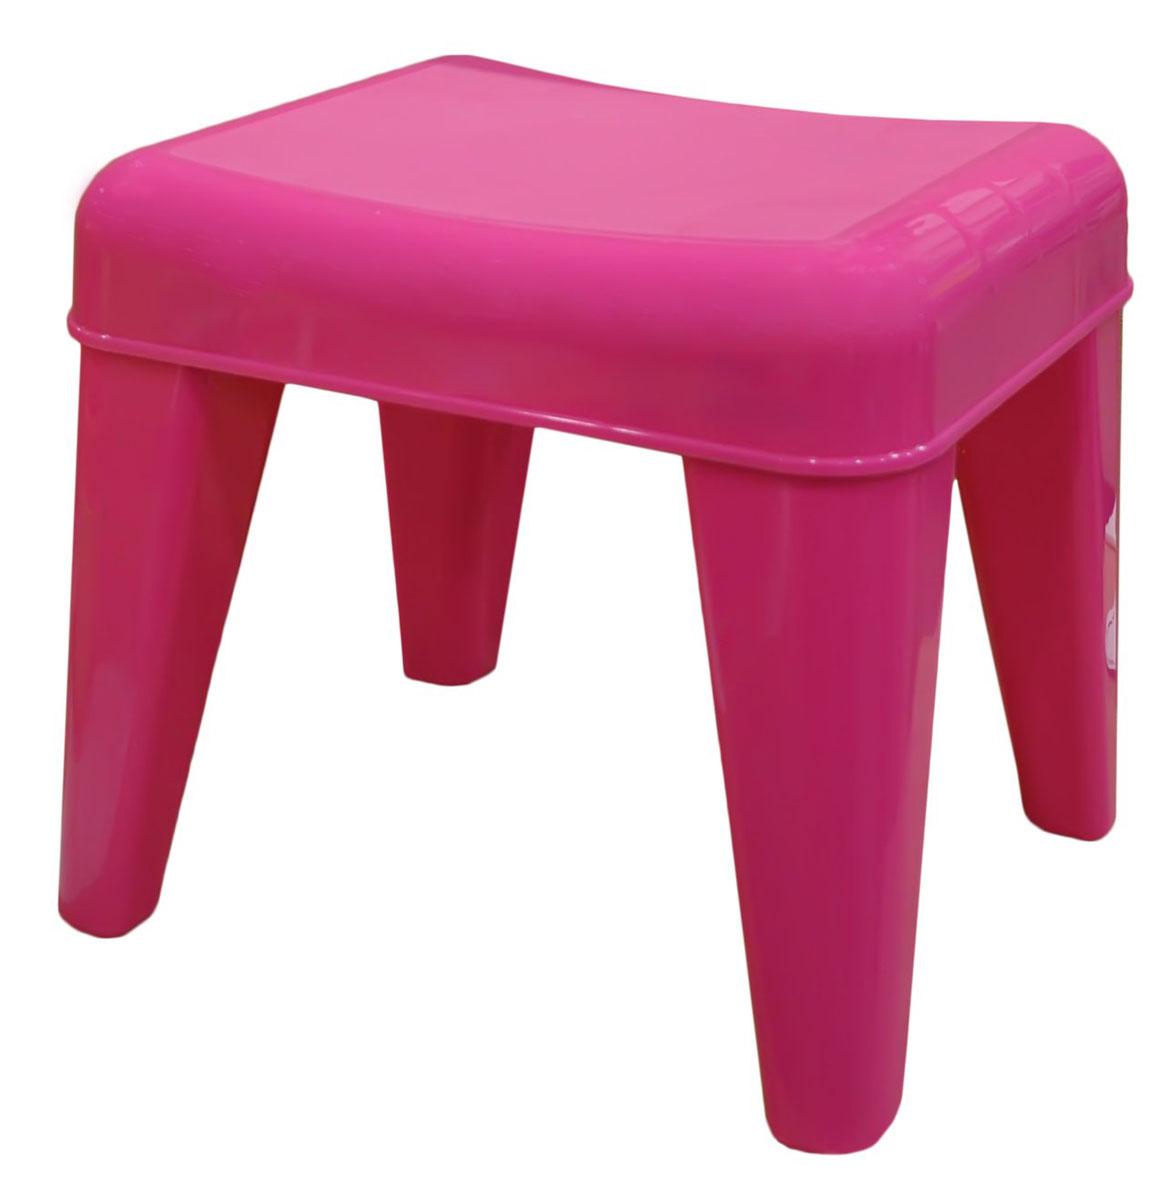 Табурет детский Little Angel Я расту, цвет: розовый12723Детский табурет – незаменимая вещь для растущего малыша. Он будет верным помощником не только в детской, но и в ванной, на кухне и в прихожей. Сидение разработано с учетом анатомических особенностей ребенка. Нескользящая поверхность сидения и противоскользящие накладки на ножках для использования на любой поверхности. Особо прочная конструкция ножек табурета для надежной и безопасной эксплуатации.